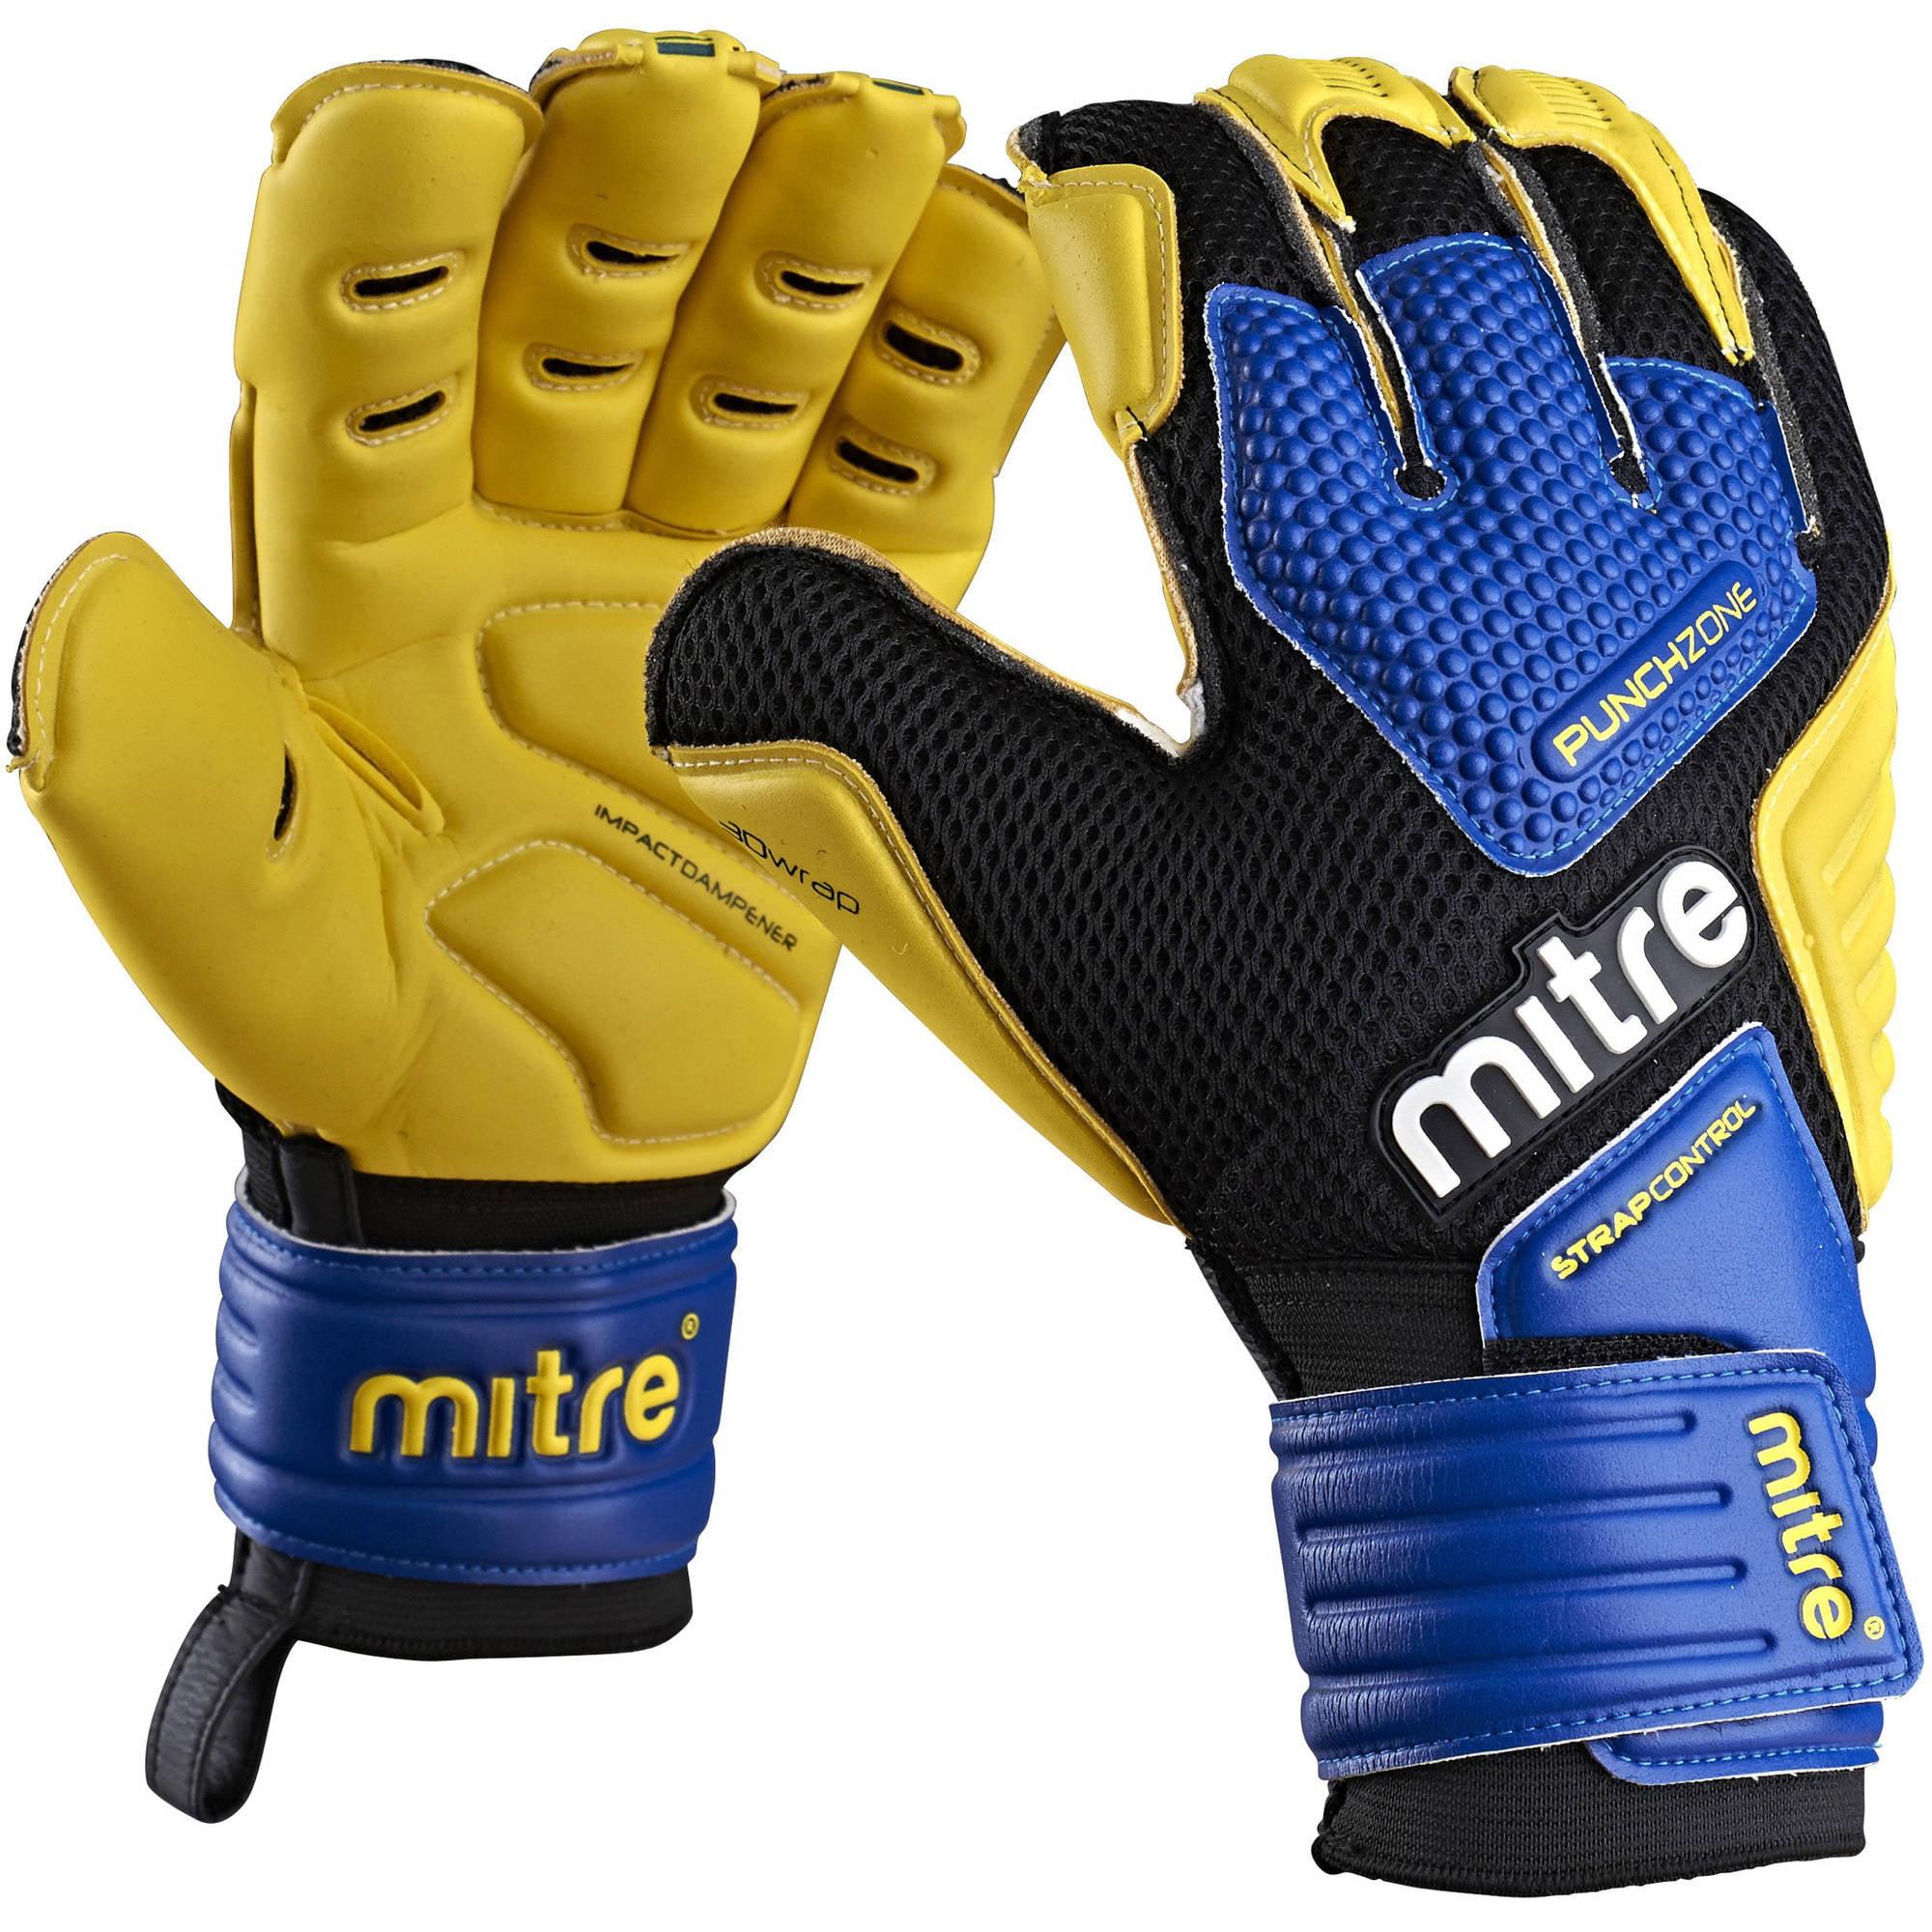 Mitre BRZ Pro Goalie Glove #11